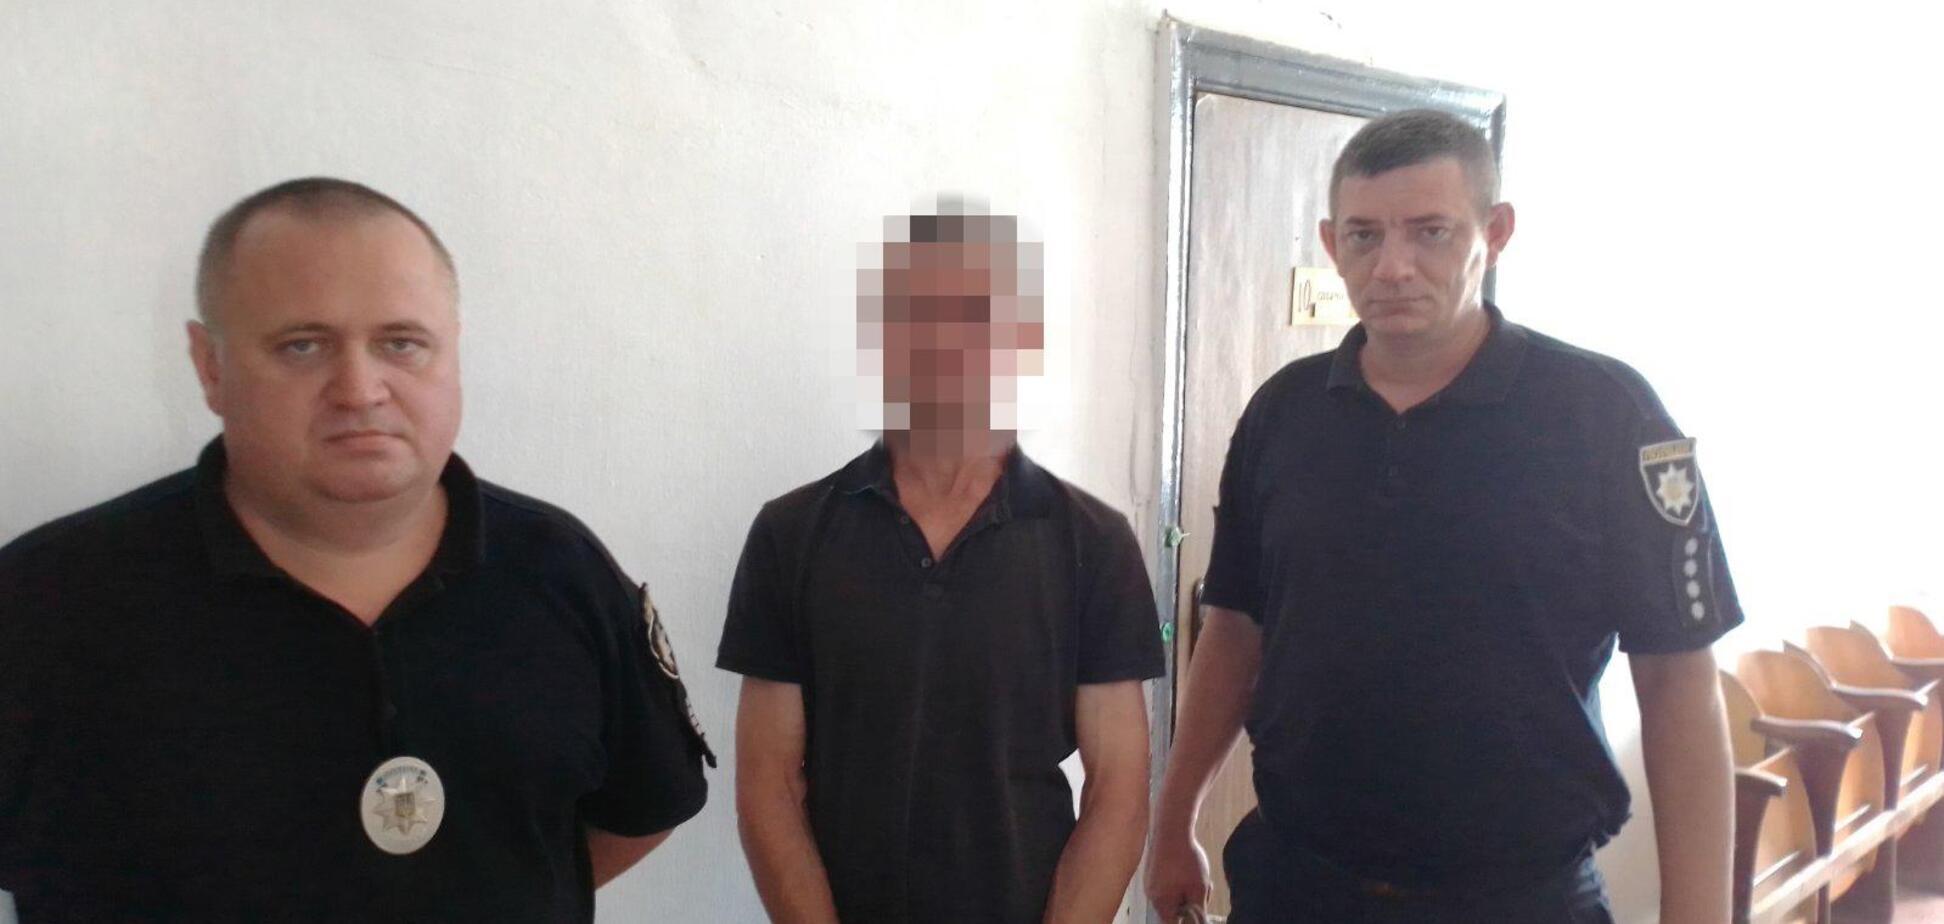 Стрельба по отдыхающим с детьми на Харьковщине: названа причина